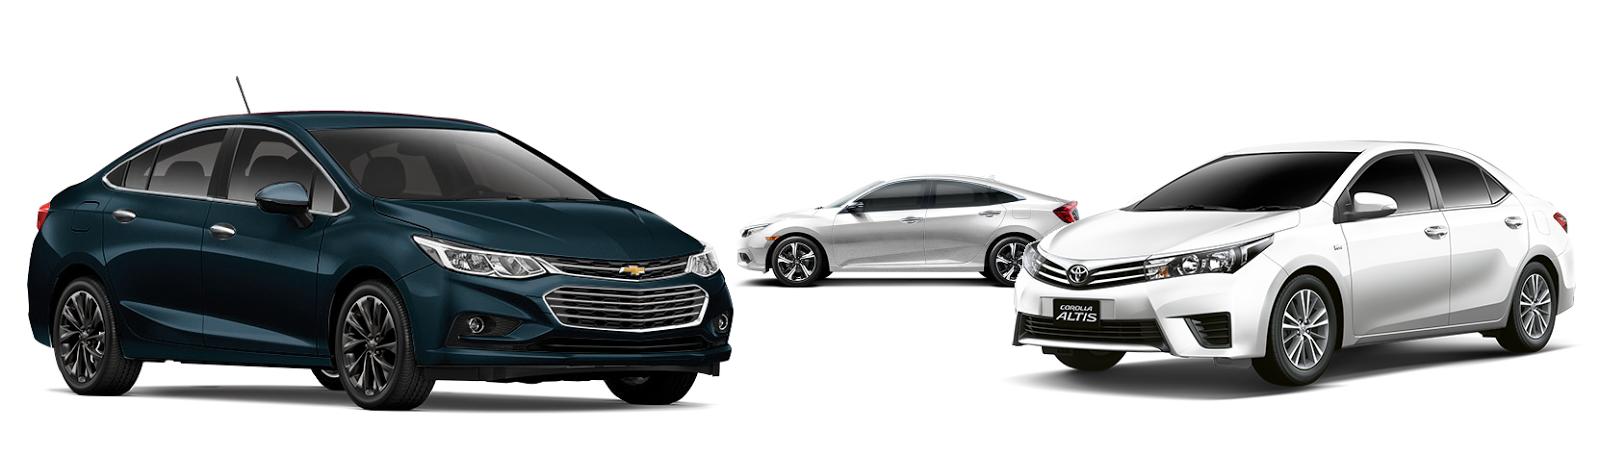 Comparativo: Chevrolet Cruze LTZ encara Civic e Corolla para definir qual é o melhor sedan de luxo